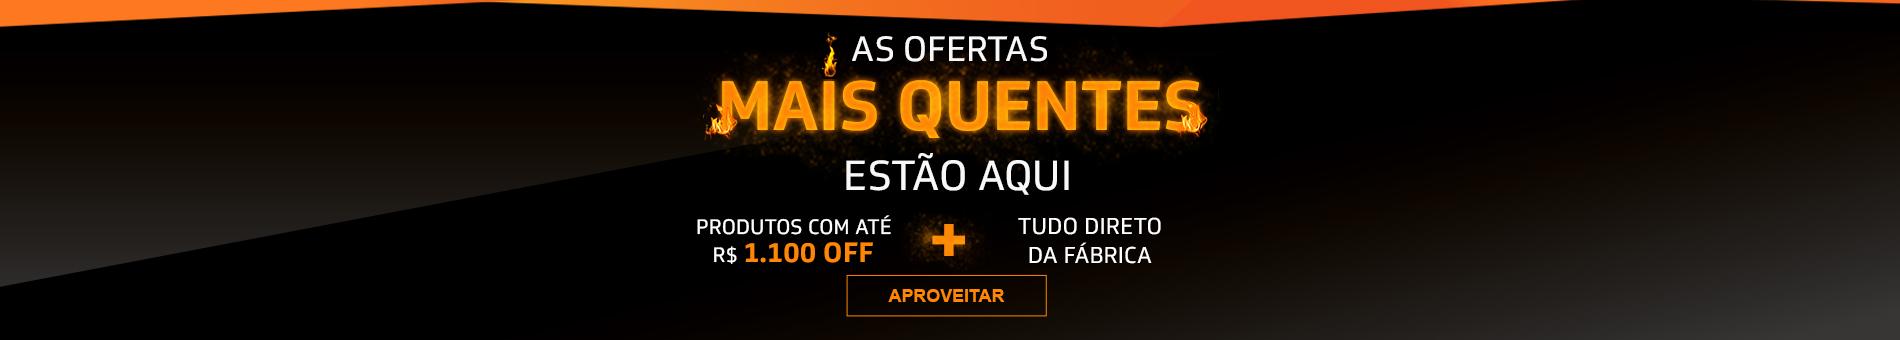 Promoção Interna - 390 - Ofertasmaisquentes_generico_home_6052016 - generico - 7